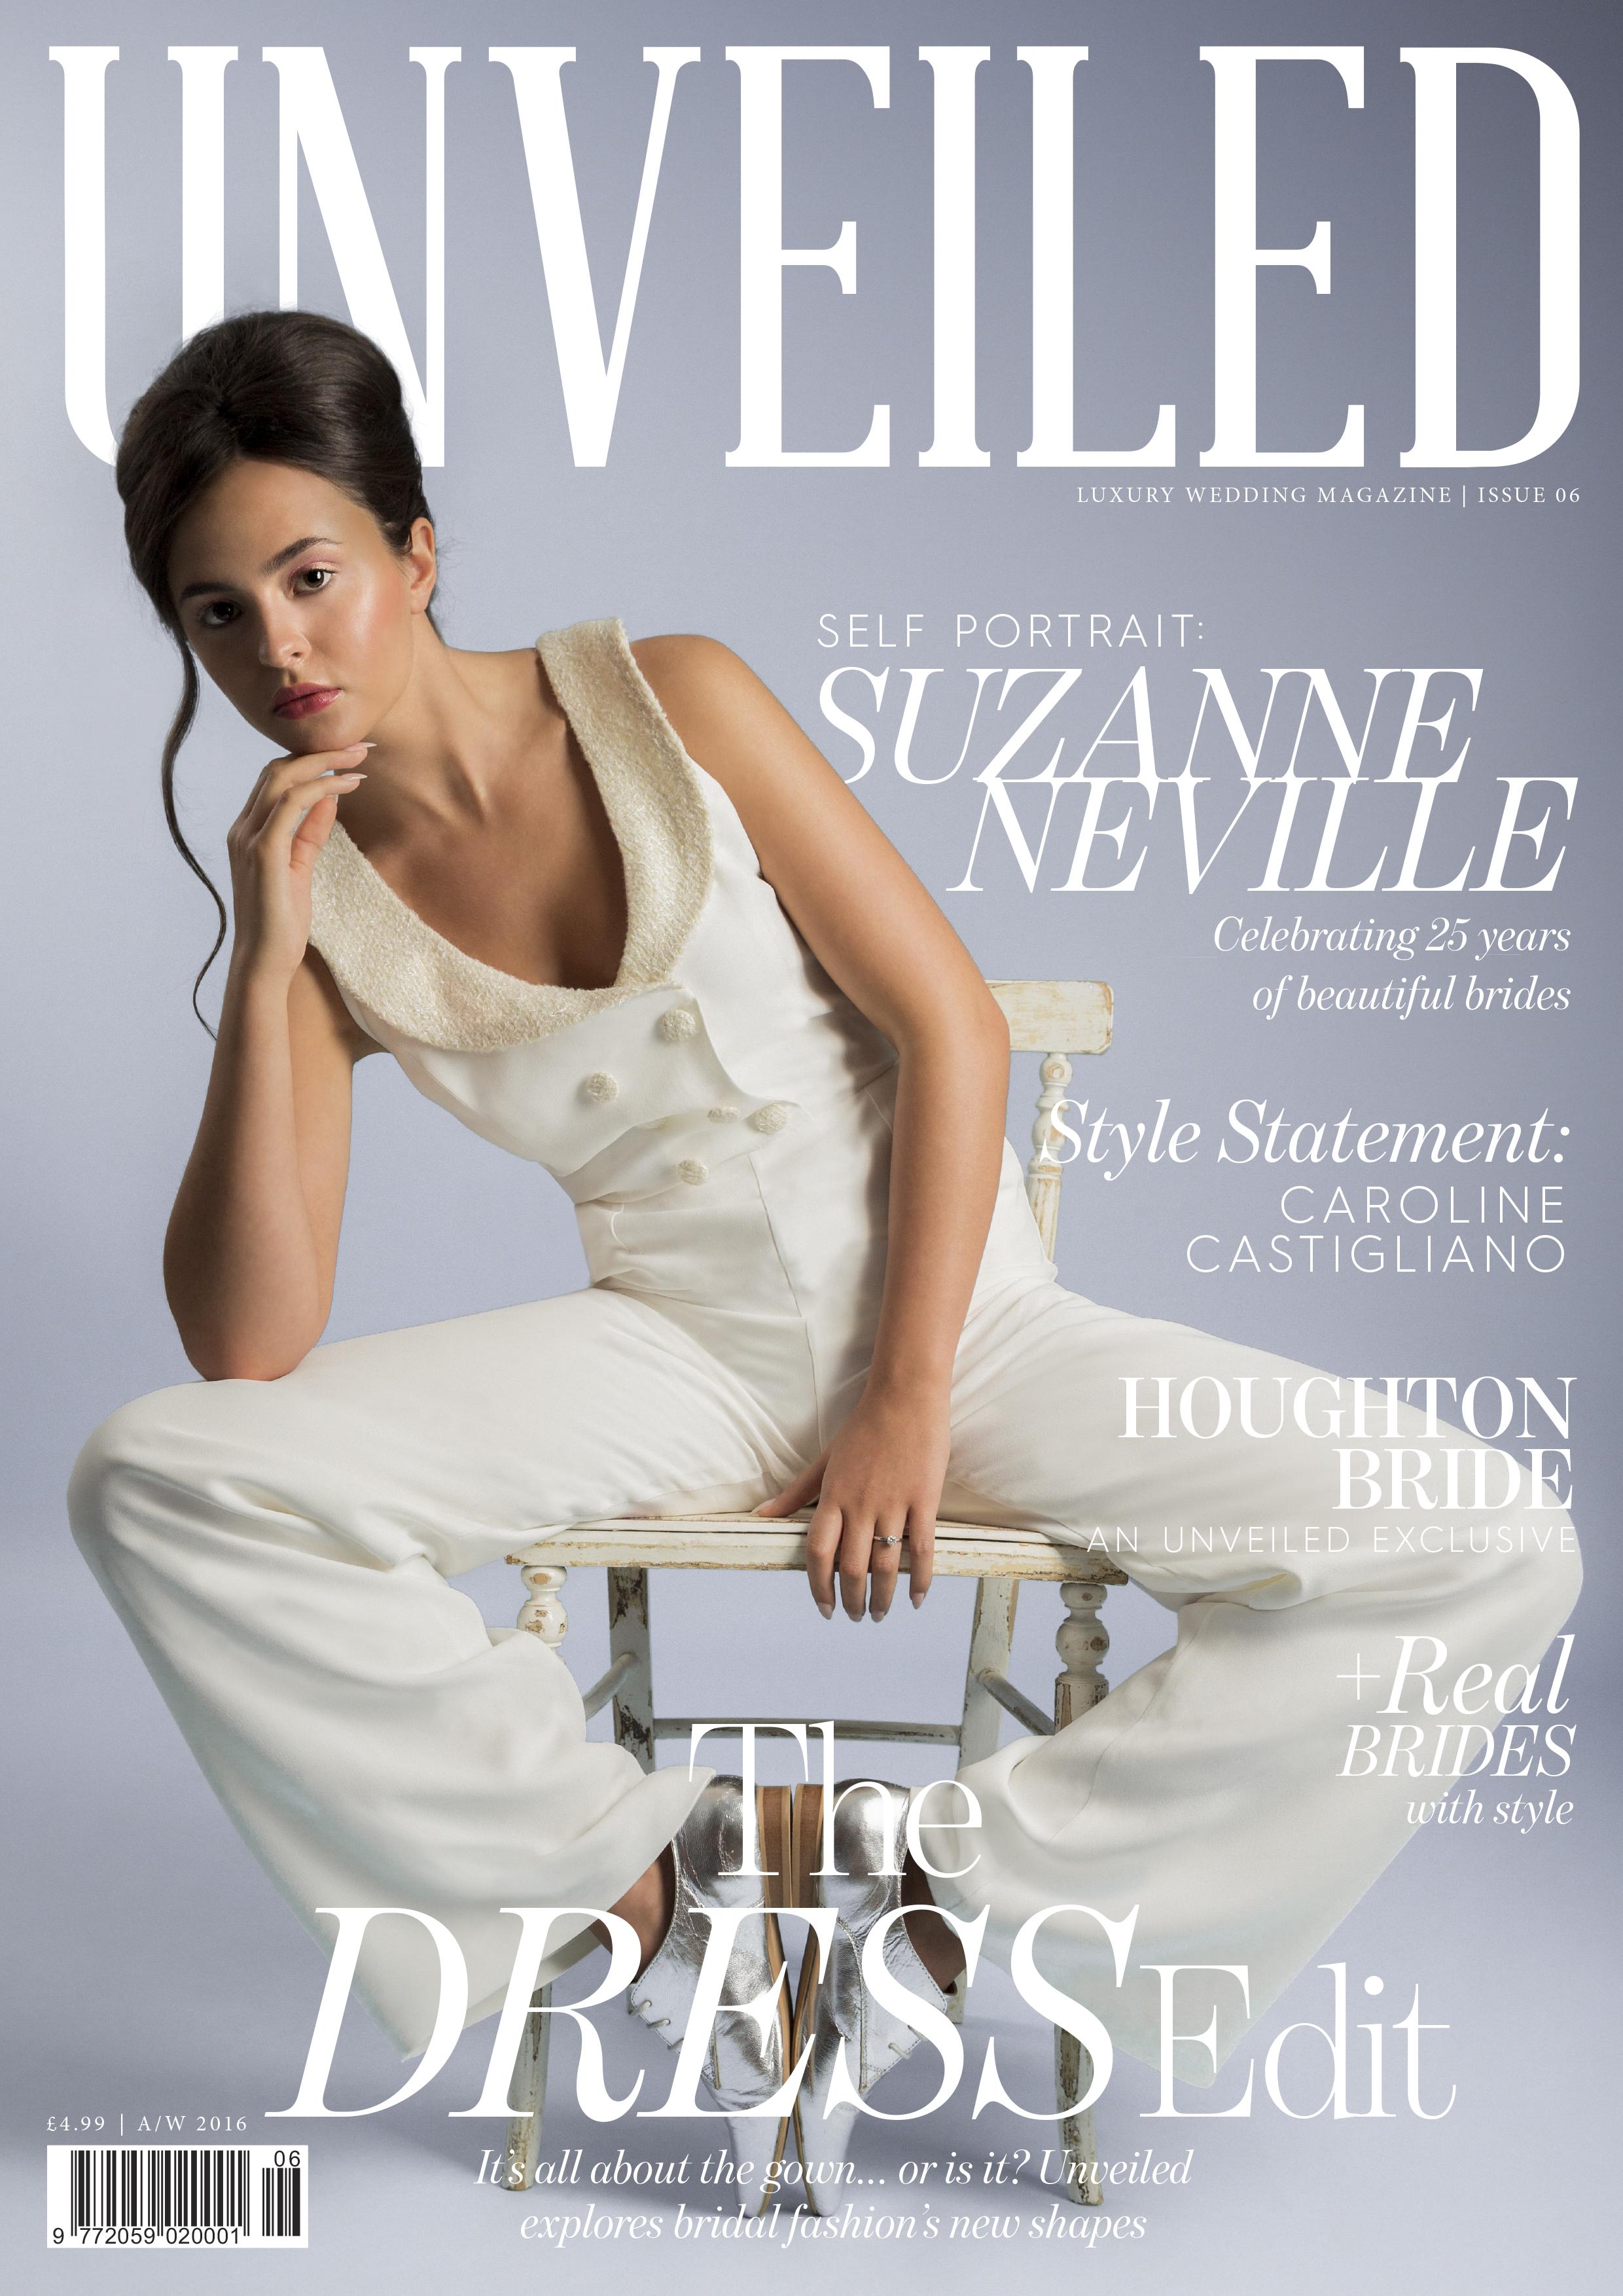 Unveiled designer wedding dresses by Caroline Castigliano